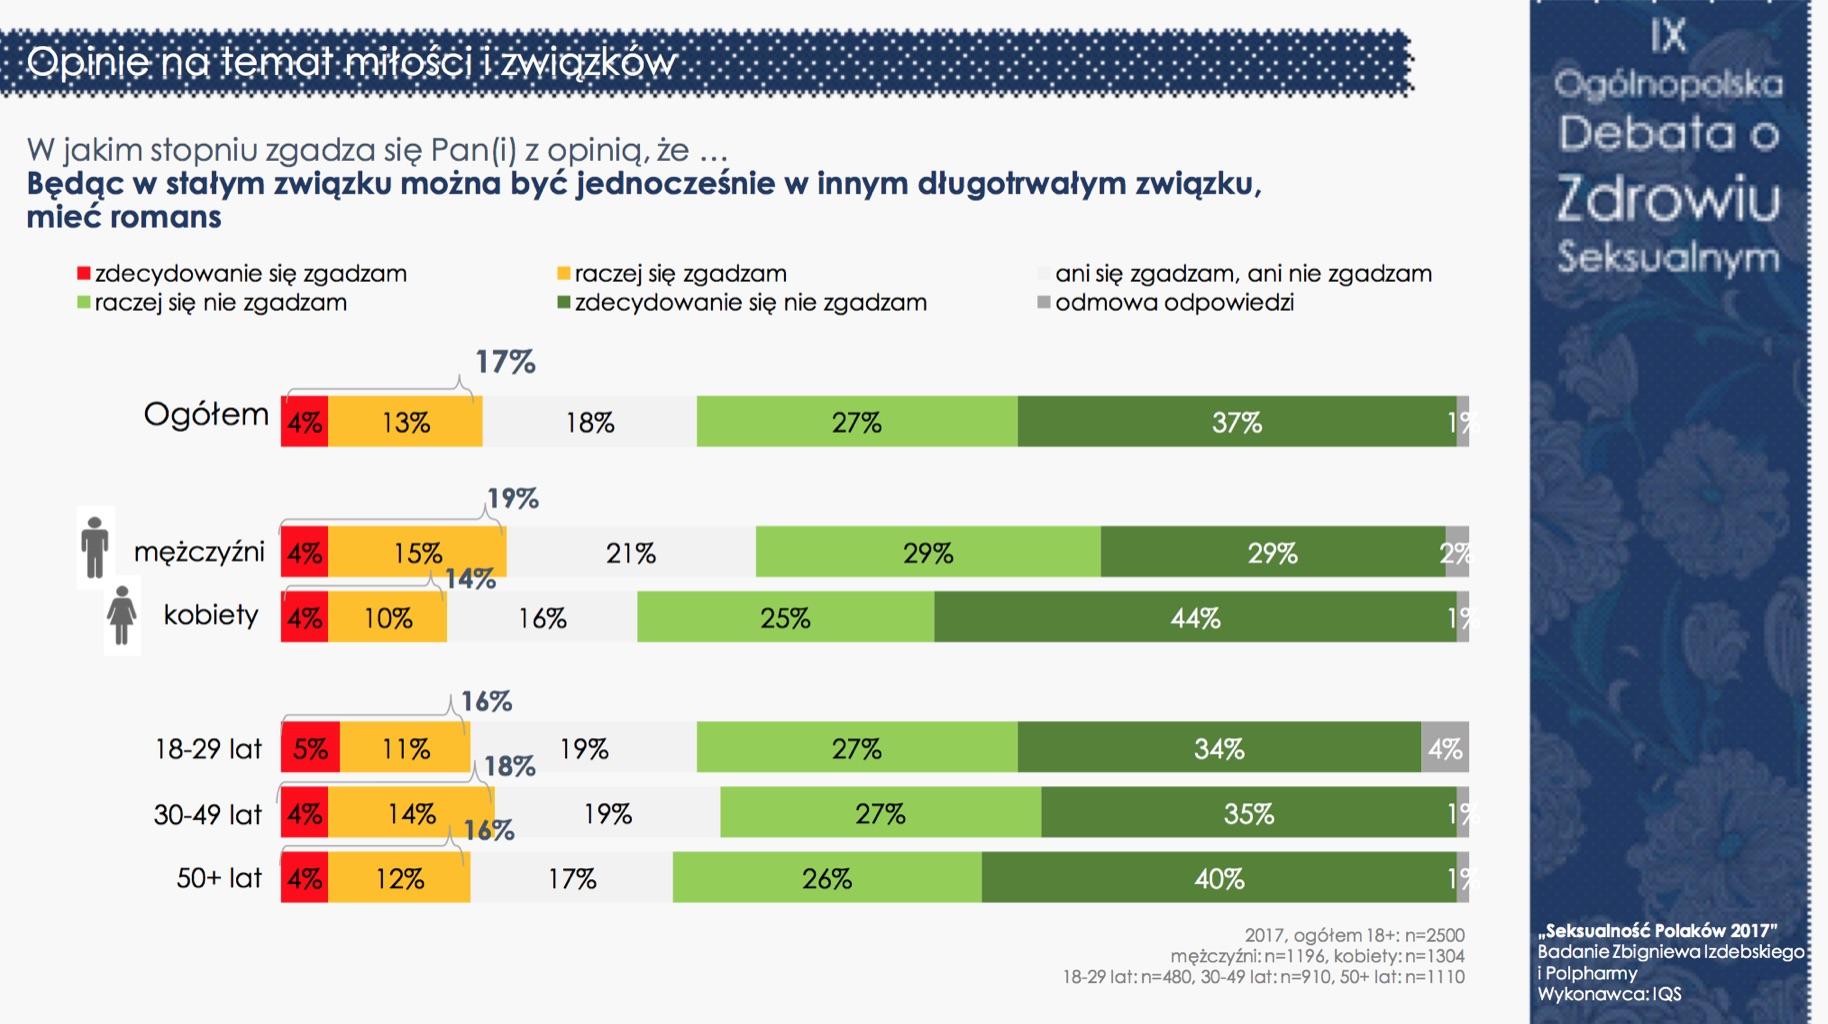 """""""Seksualność Polaków 2017"""" - nadal jesteśmy grzeczni i powściągliwi (pełne wyniki) Badania mediarun debata seksualnosc 14"""